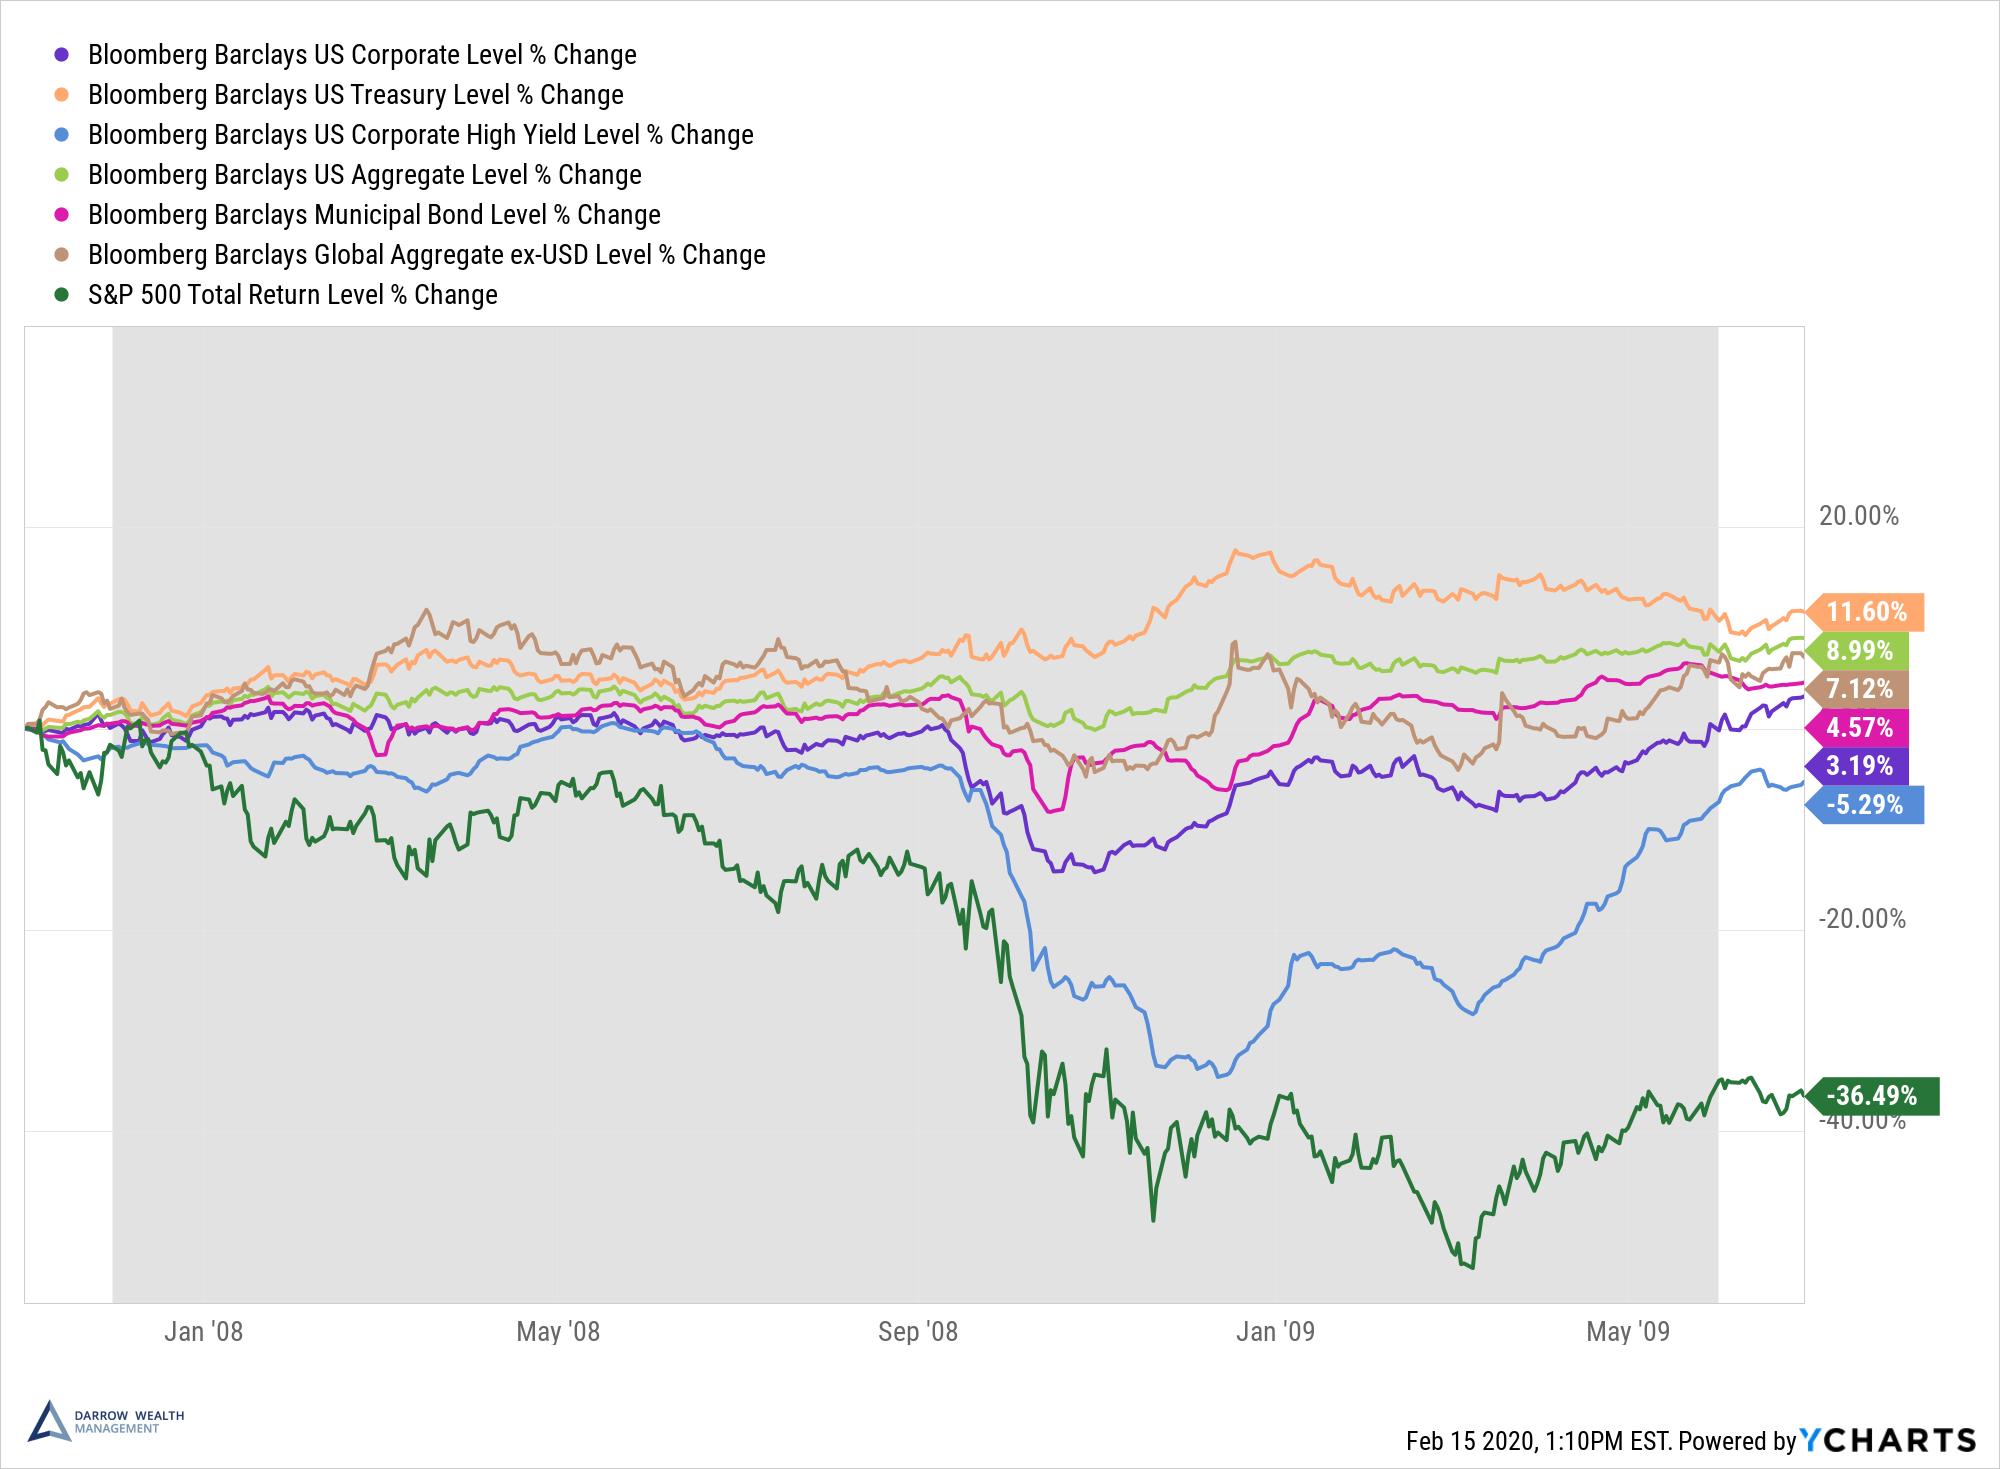 How Do Bonds Perform During a Recession?